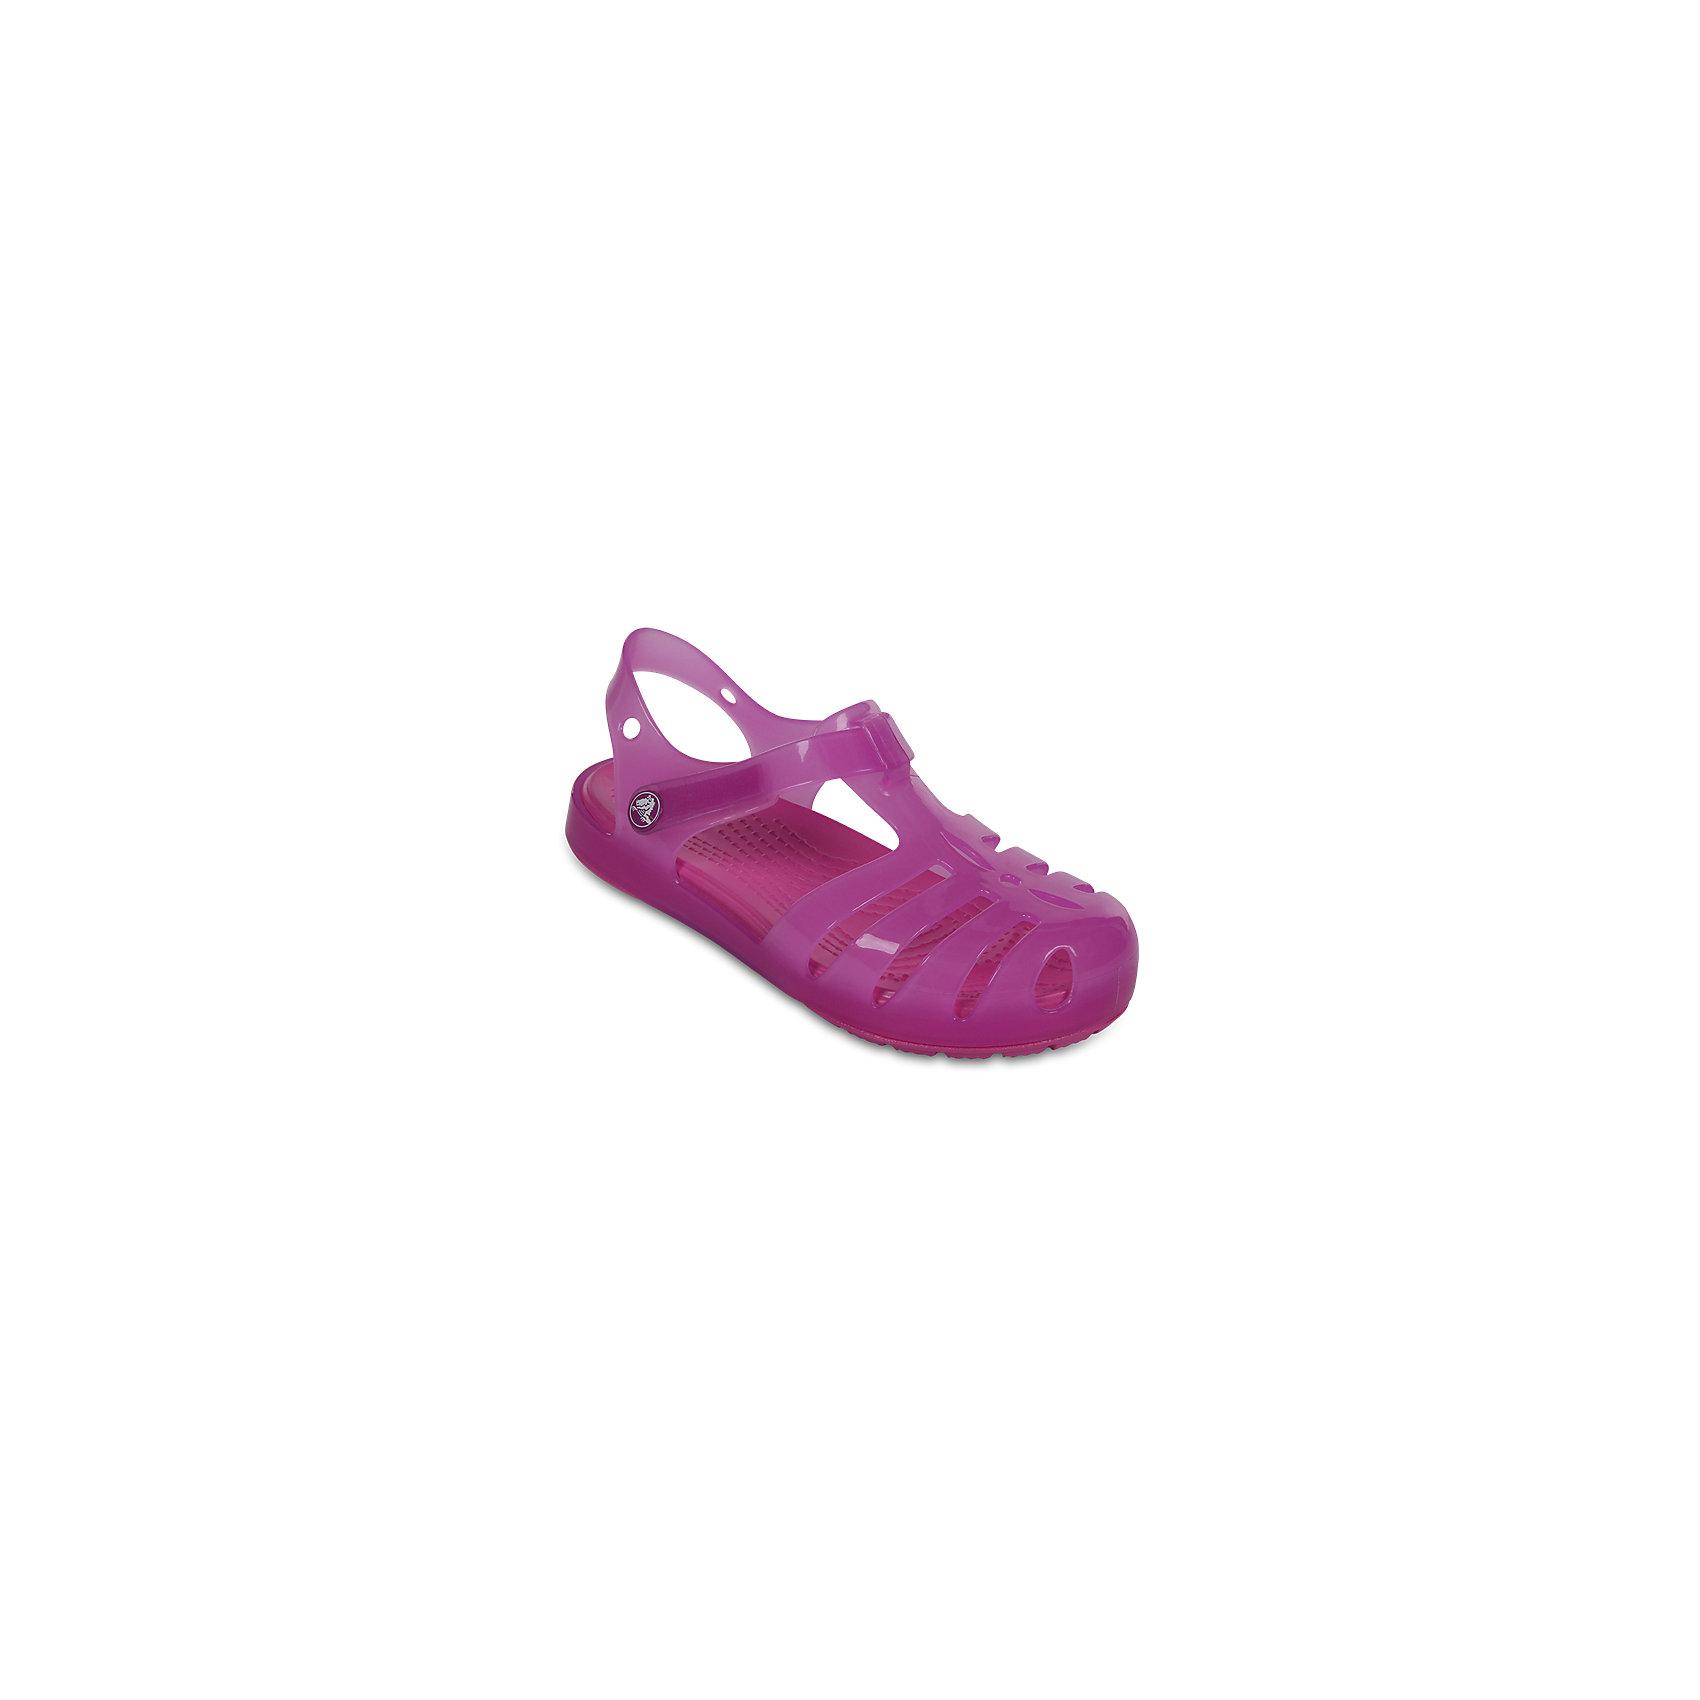 Сандалии для девочки Isabella Novelty Sandals CROCSПляжная обувь<br>Характеристики товара:<br><br>• цвет: розовый <br>• сезон: лето<br>• тип сандалей: закрытые<br>• материал: 100% полимер Croslite™<br>• литая модель<br>• бактериостатичный материал<br>• пяточный ремешок фиксирует стопу<br>• устойчивая подошва<br>• анатомическая стелька с массажными точками<br>• страна бренда: США<br>• страна изготовитель: Китай<br><br>Для правильного развития ребенка крайне важно, чтобы обувь была удобной. <br><br>Такие сандалии обеспечивают детям необходимый комфорт, а анатомическая стелька с массажными линиями для стимуляции кровообращения позволяет ножкам дольше не уставать. <br><br>Сандалии легко надеваются и снимаются, отлично сидят на ноге. Материал, из которого они сделаны, не дает размножаться бактериям, поэтому такая обувь препятствует образованию неприятного запаха и появлению болезней стоп. <br><br>Продукция Crocs - это качественные товары, созданные с применением новейших технологий. Обувь отличается стильным дизайном и продуманной конструкцией.<br><br>Сандалии для девочки Isabella Novelty Sandals от торговой марки Crocs можно купить в нашем интернет-магазине.<br><br>Ширина мм: 219<br>Глубина мм: 154<br>Высота мм: 121<br>Вес г: 343<br>Цвет: фиолетовый<br>Возраст от месяцев: 24<br>Возраст до месяцев: 36<br>Пол: Женский<br>Возраст: Детский<br>Размер: 26,27,28,29,30,21,22,23,24,25<br>SKU: 5416853